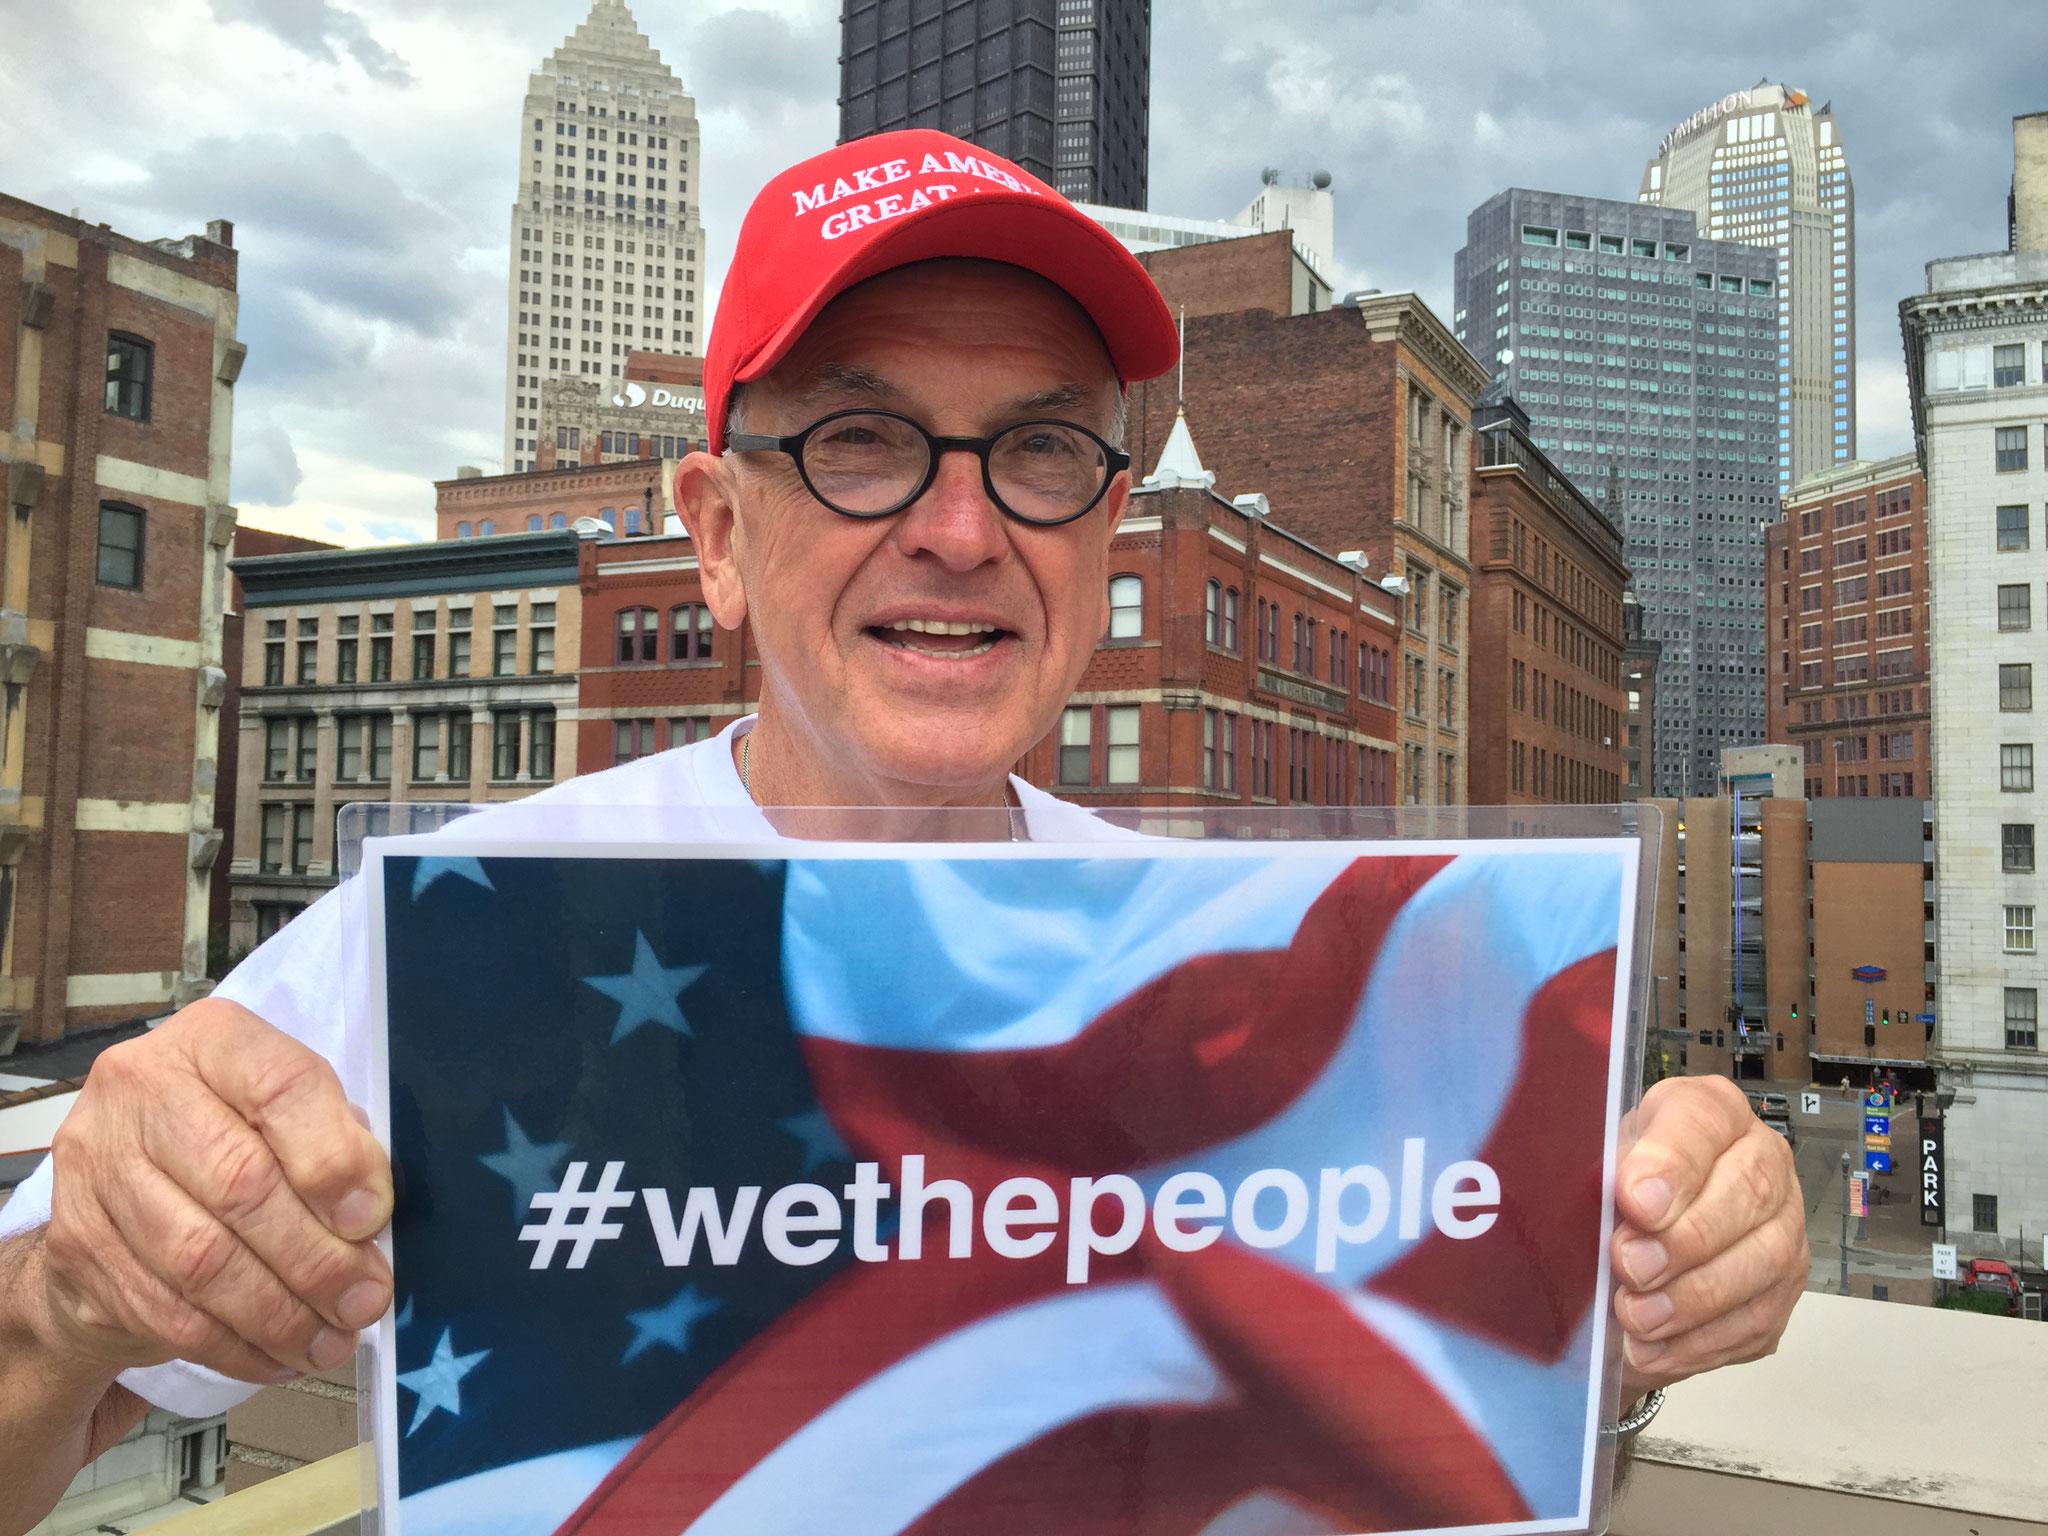 Vom Obama-Wähler zum aktiven Trump-Unterstützer: Rox Serrao aus Pittsburgh